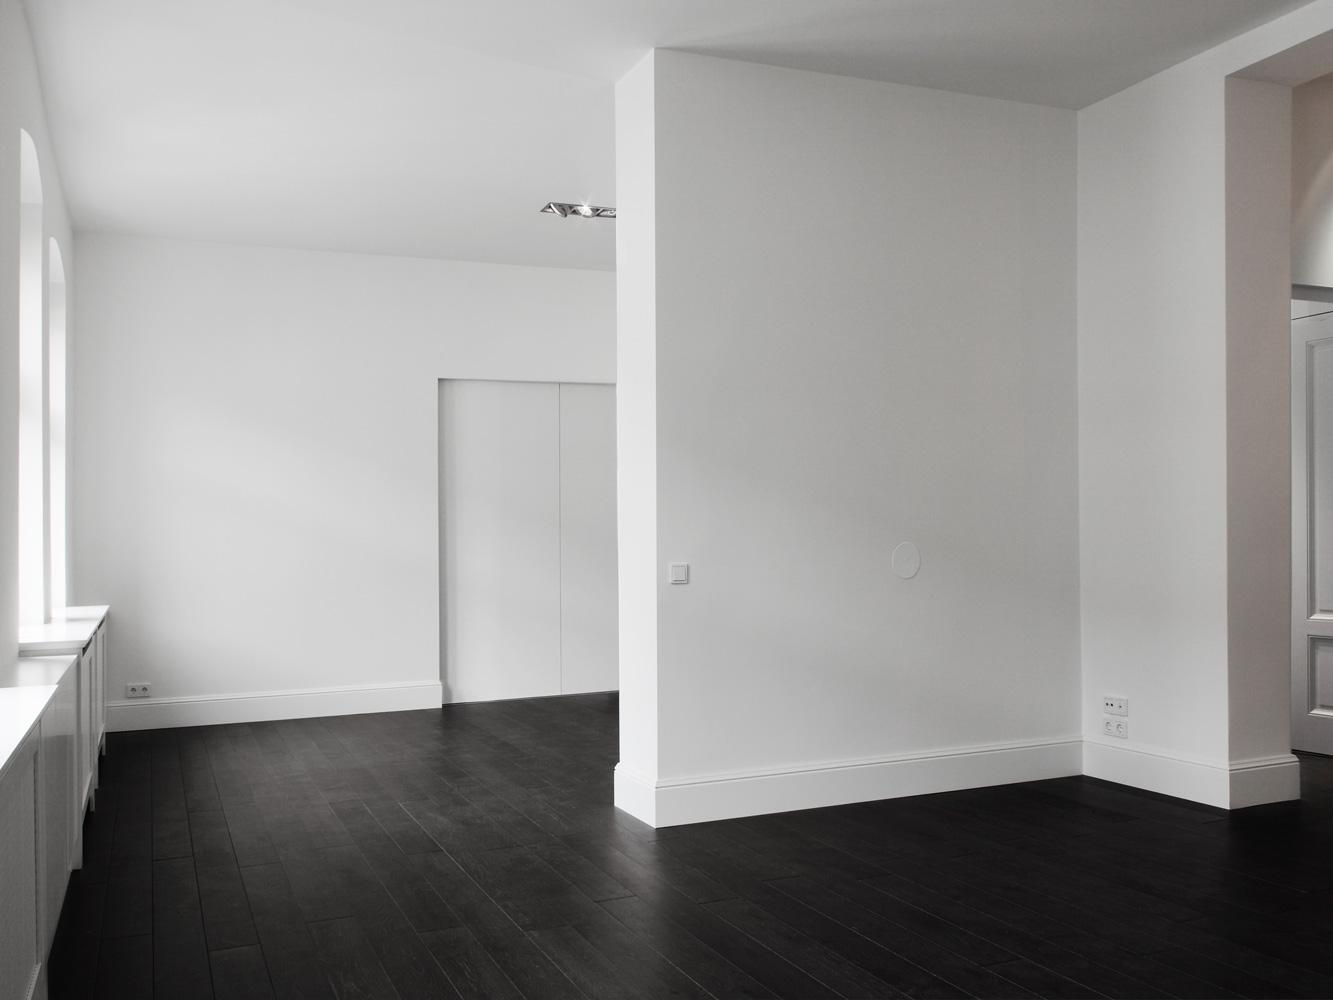 vogel architektur planckstrasse berlin wohnen ausbau umbau innenraum wohnzimmer